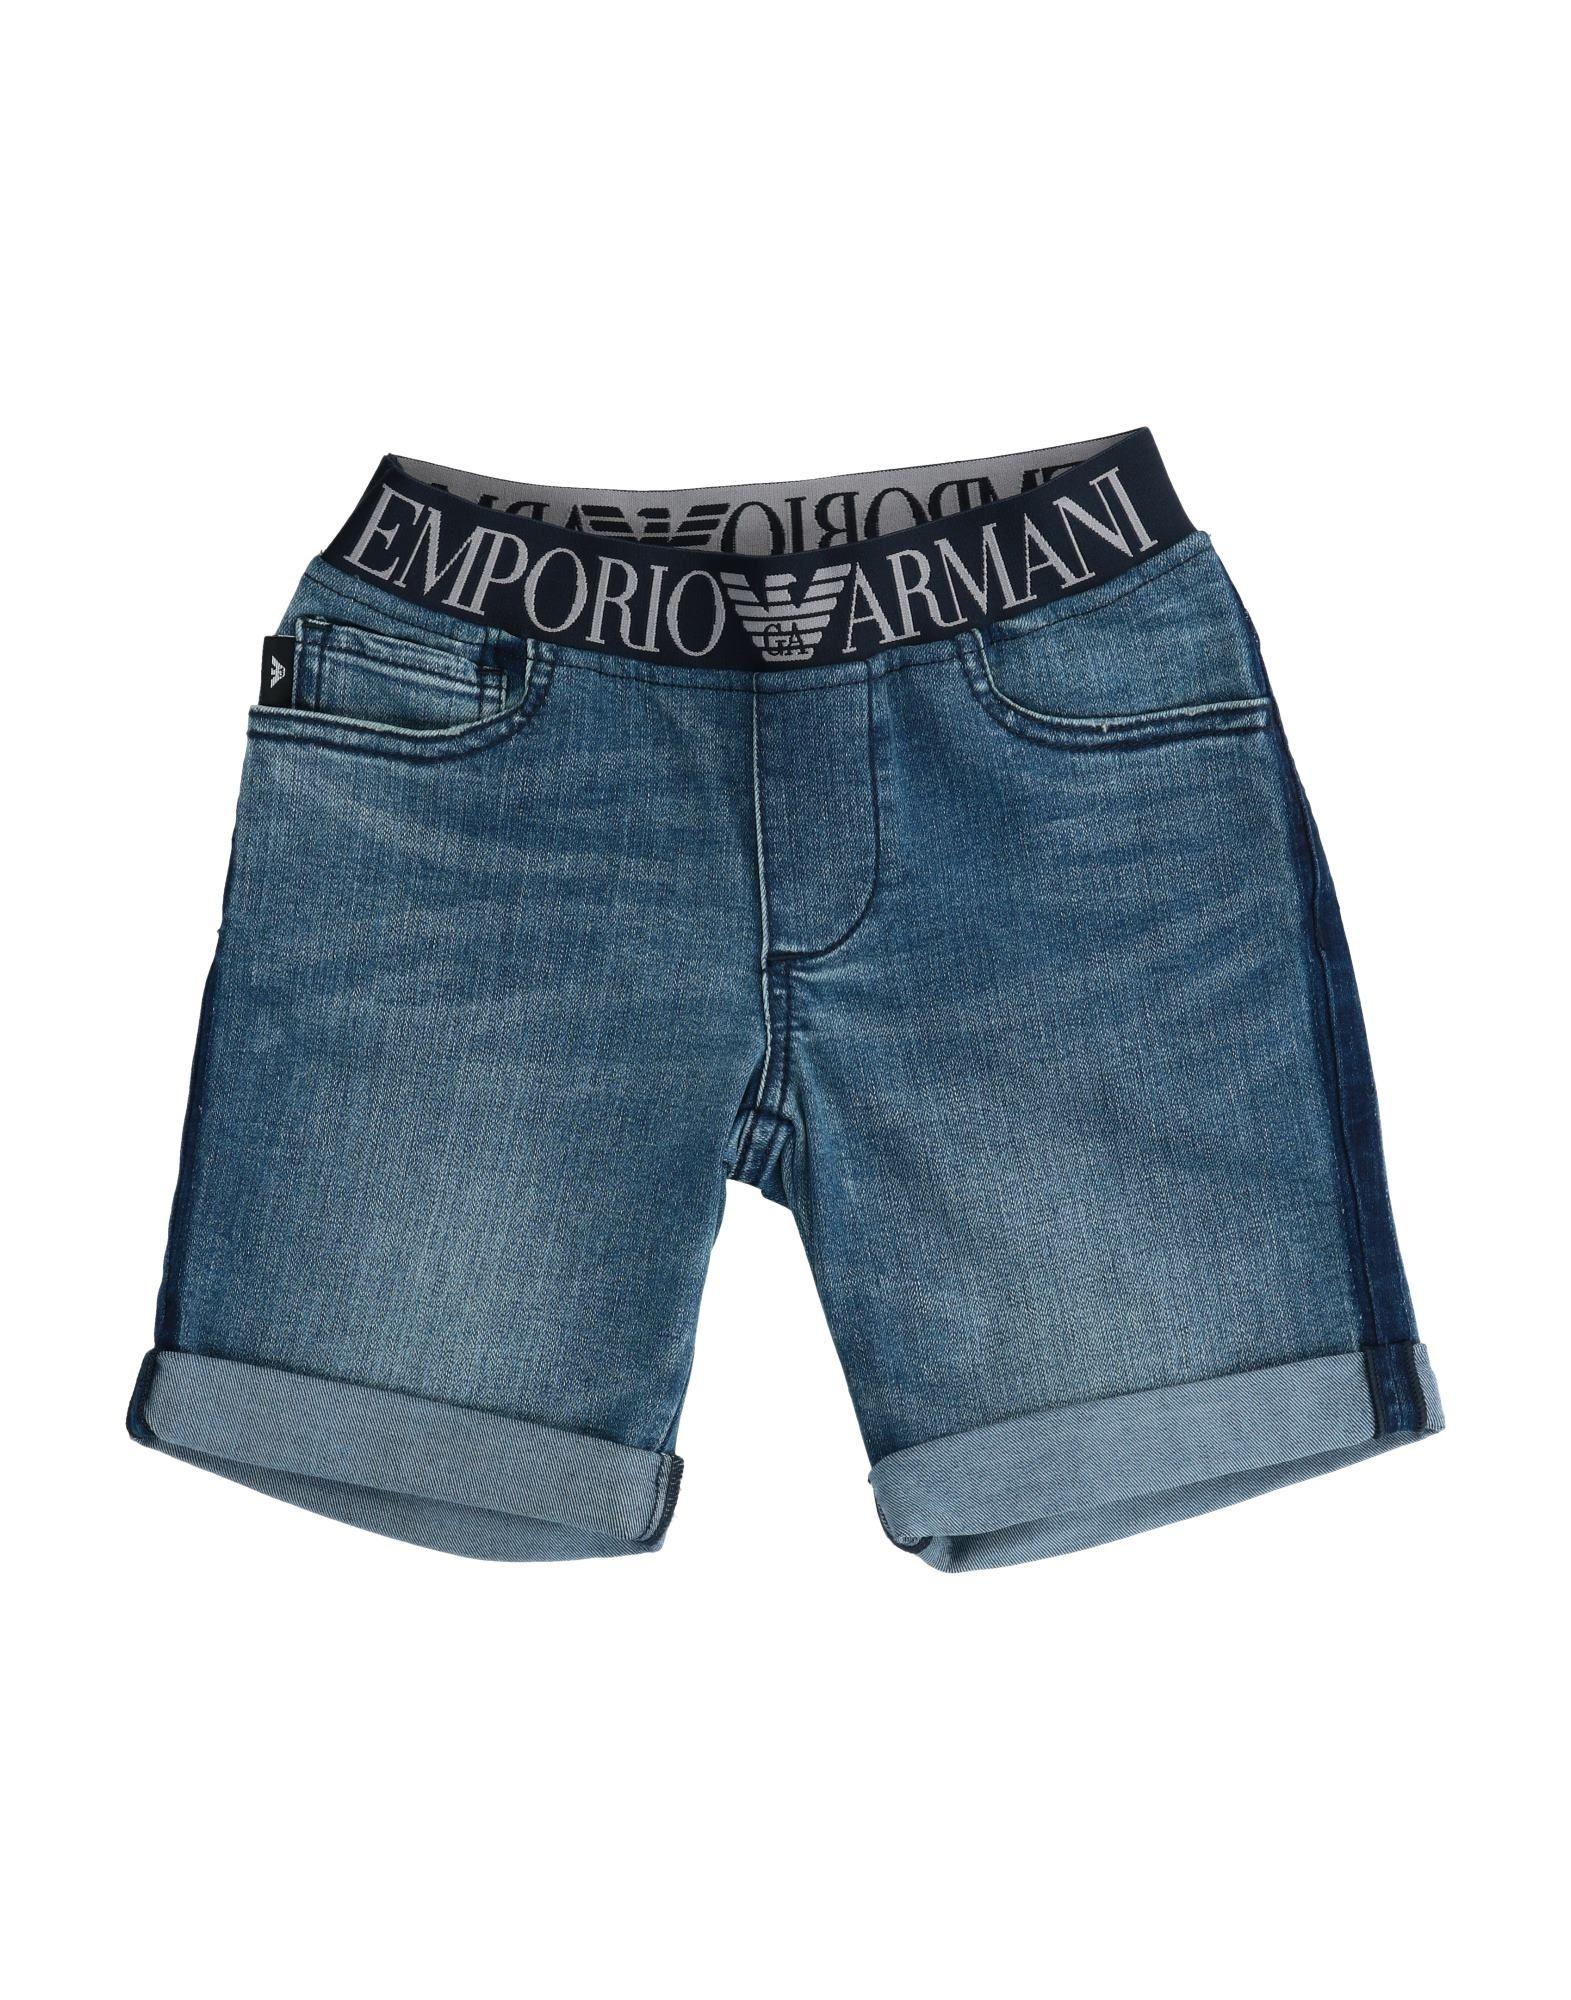 《セール開催中》EMPORIO ARMANI ボーイズ 9-16 歳 デニムバミューダパンツ ブルー 10 コットン 71% / ポリエステル 19% / レーヨン 8% / ポリウレタン 2%